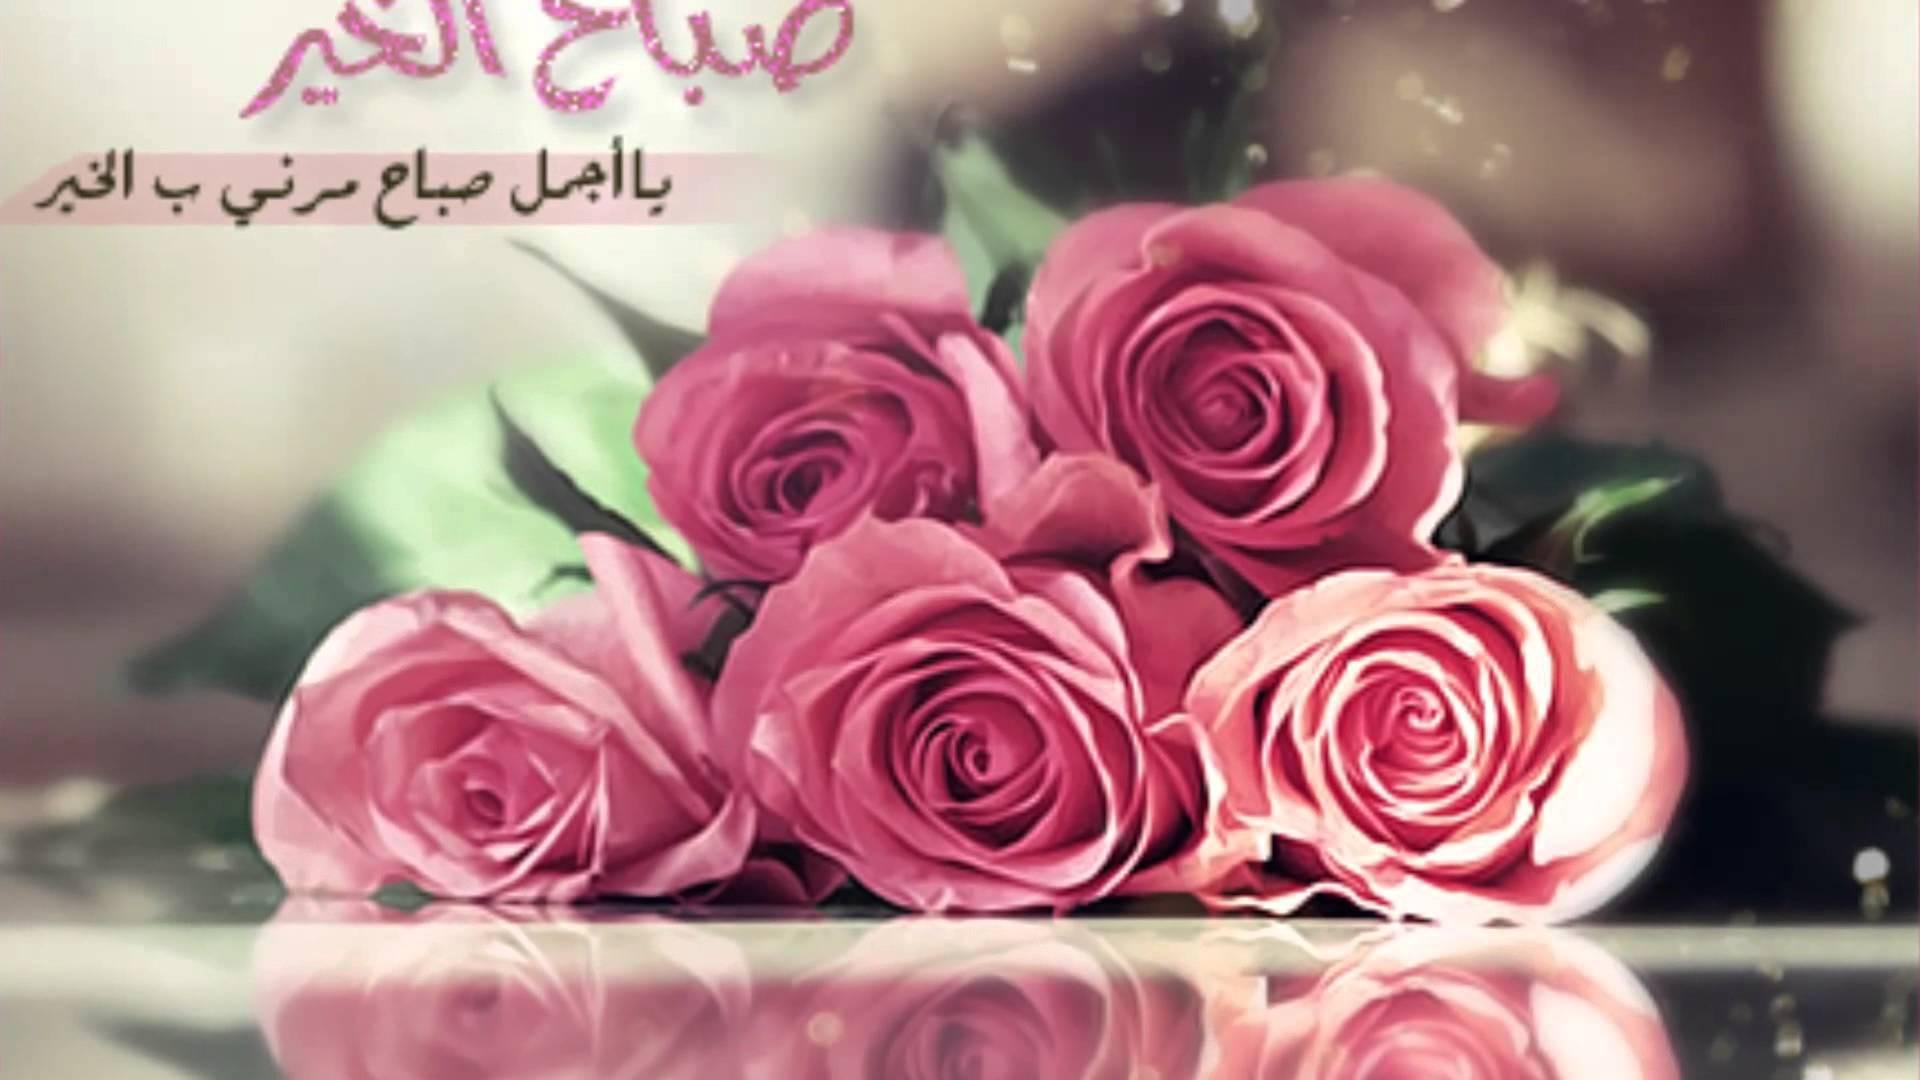 صوره صباح الورد حبيبتي , اجمل الصور لصباح الخير والورد